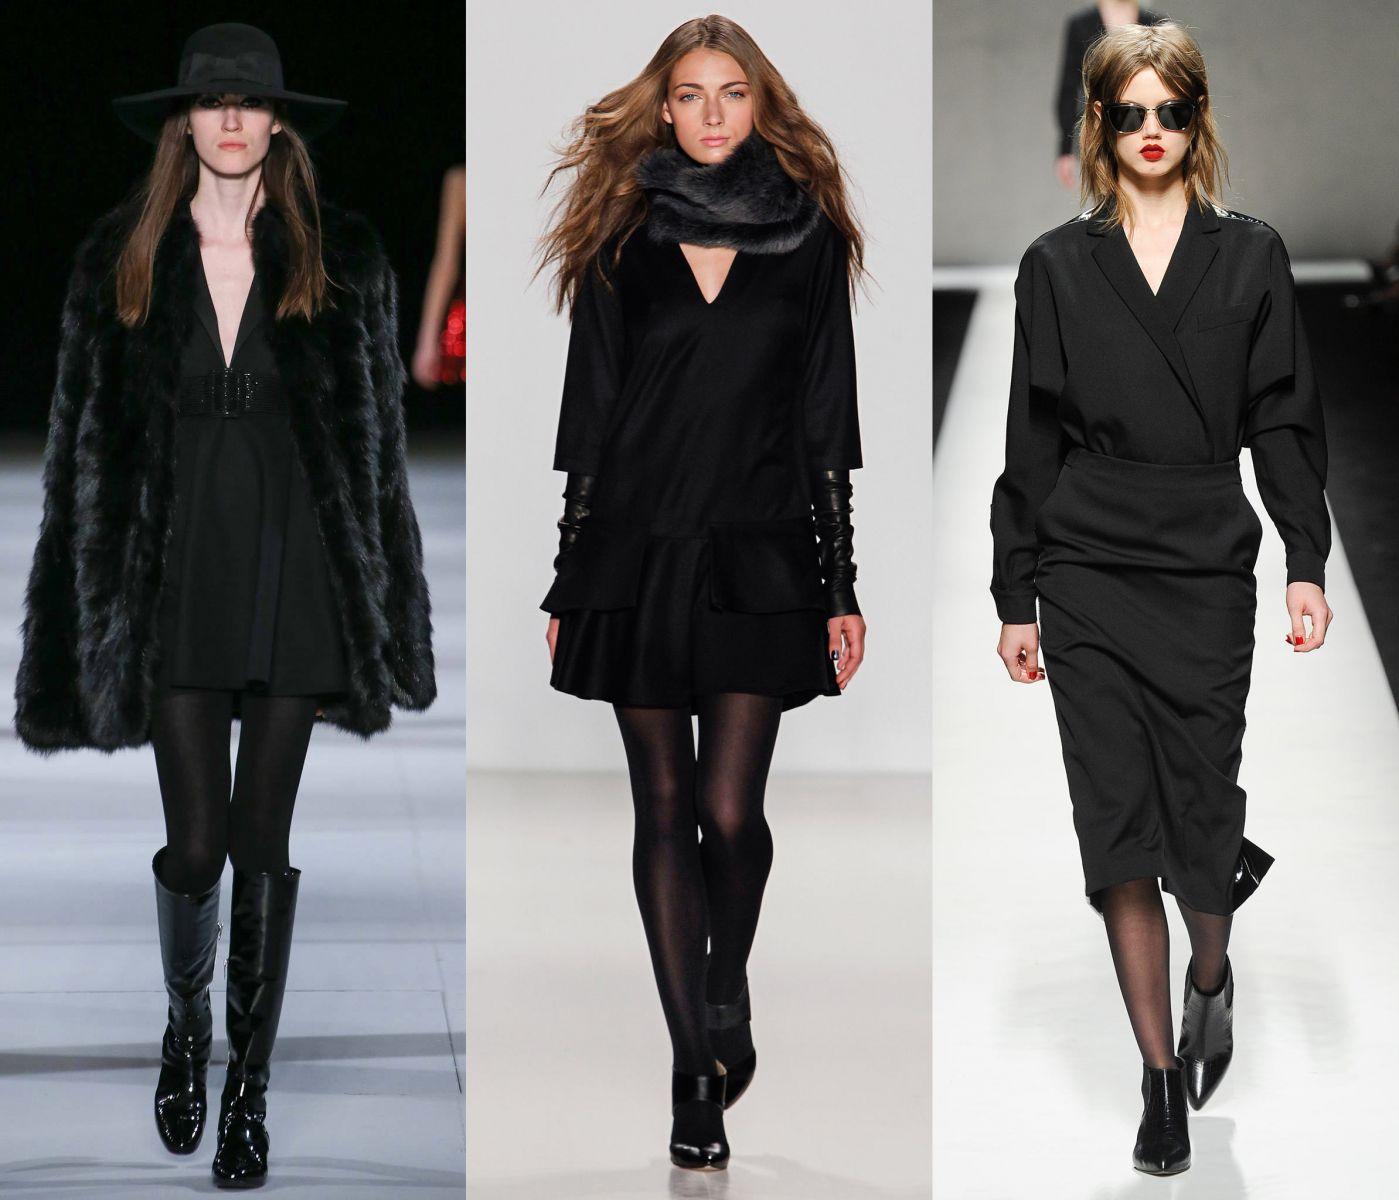 Черное платье какие колготки 15 фотография